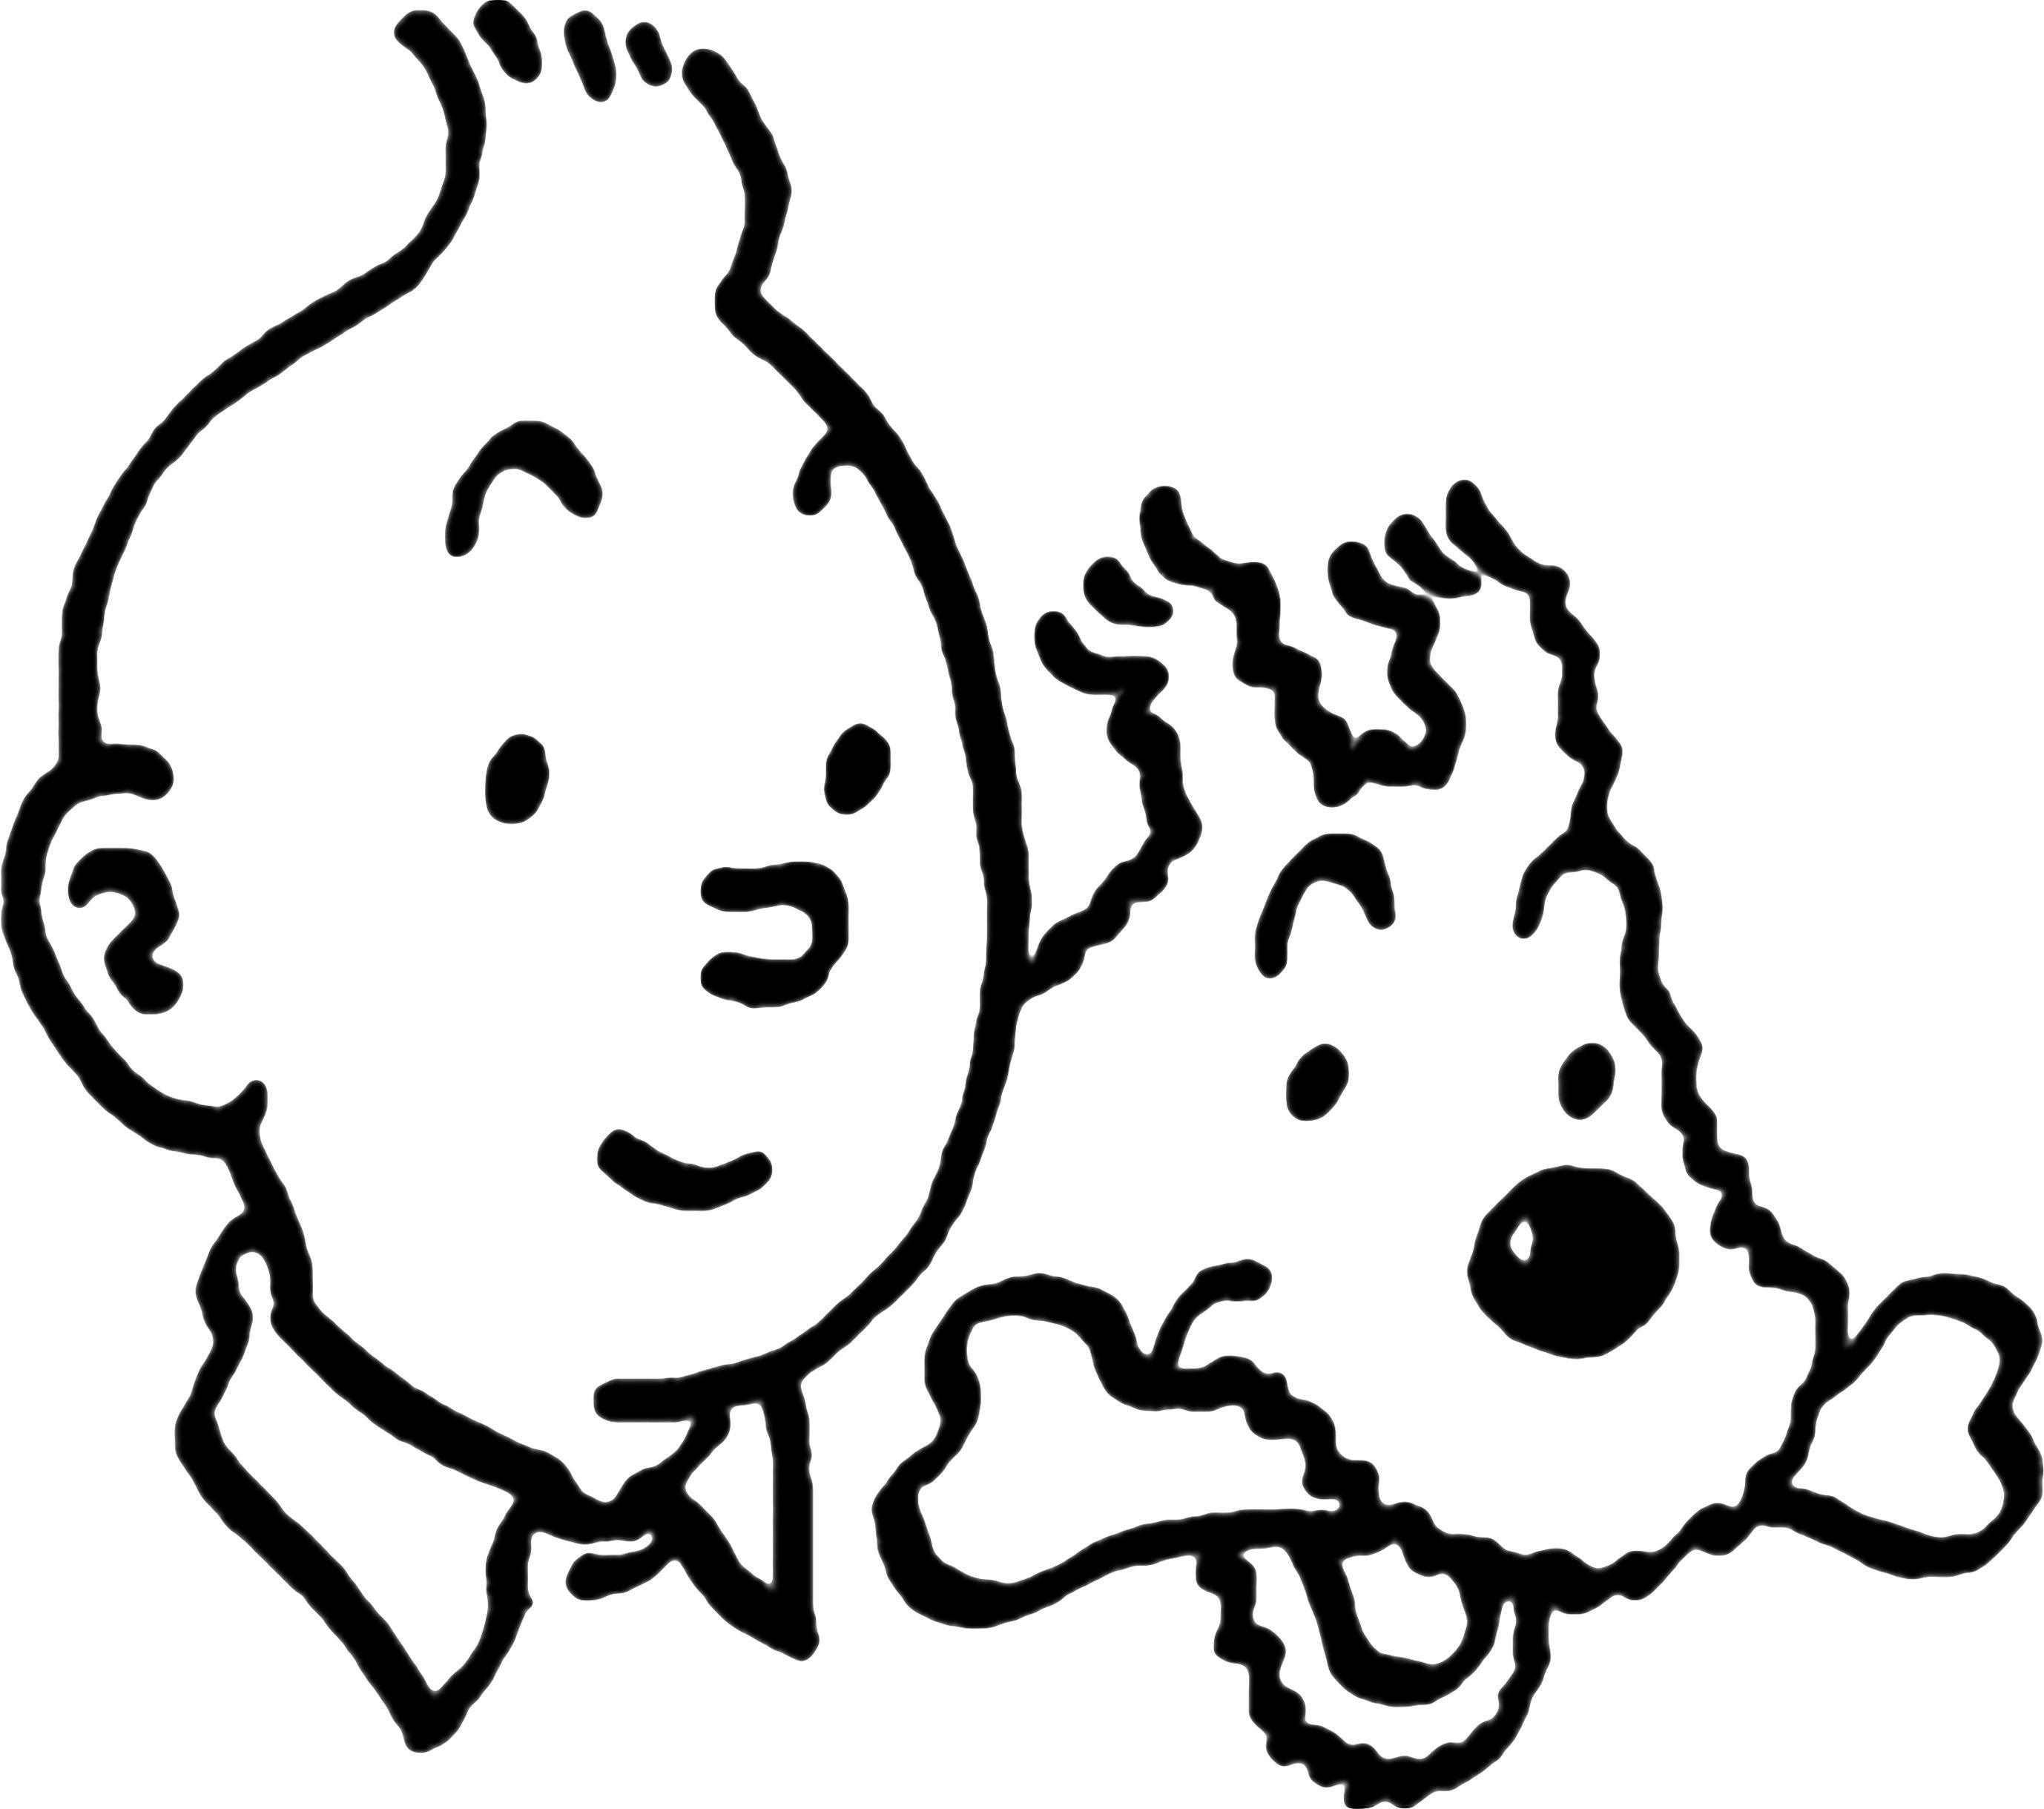 Coloriage Bateau La Licorne Tintin.Coloriage Tintin A Imprimer Pour Les Enfants Cp25725 Forme